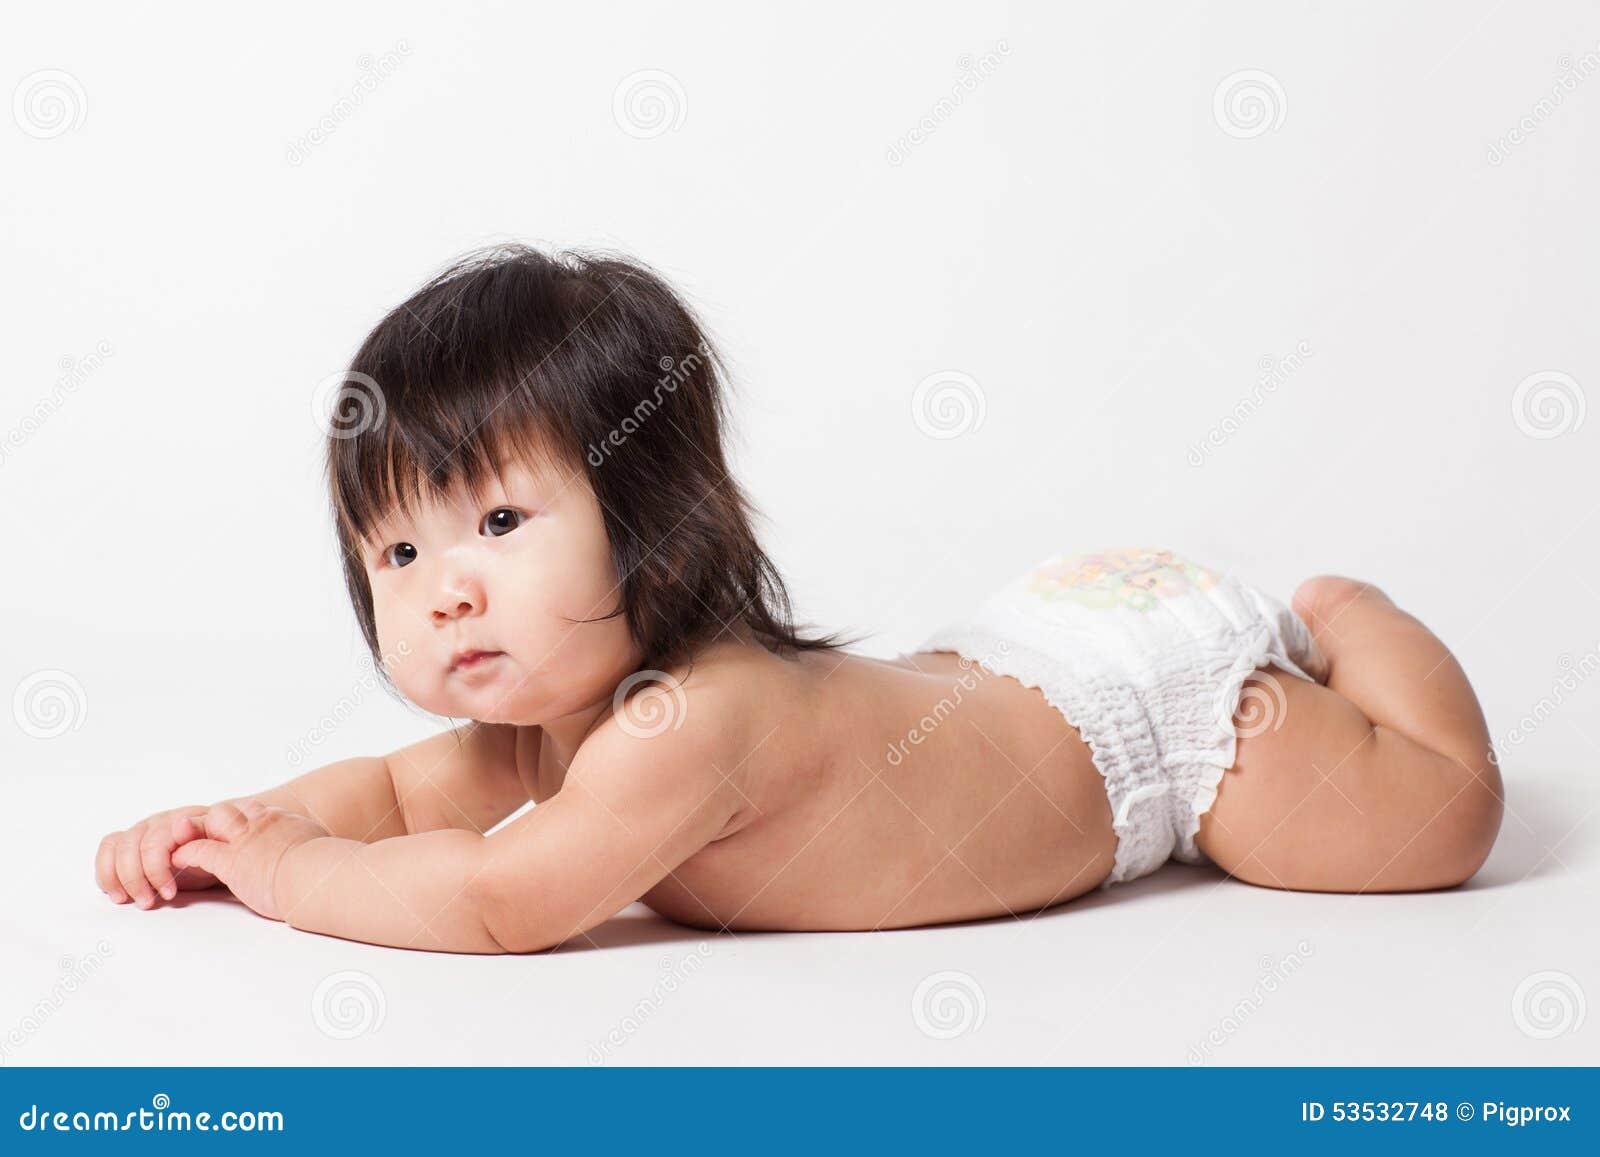 asian diaper